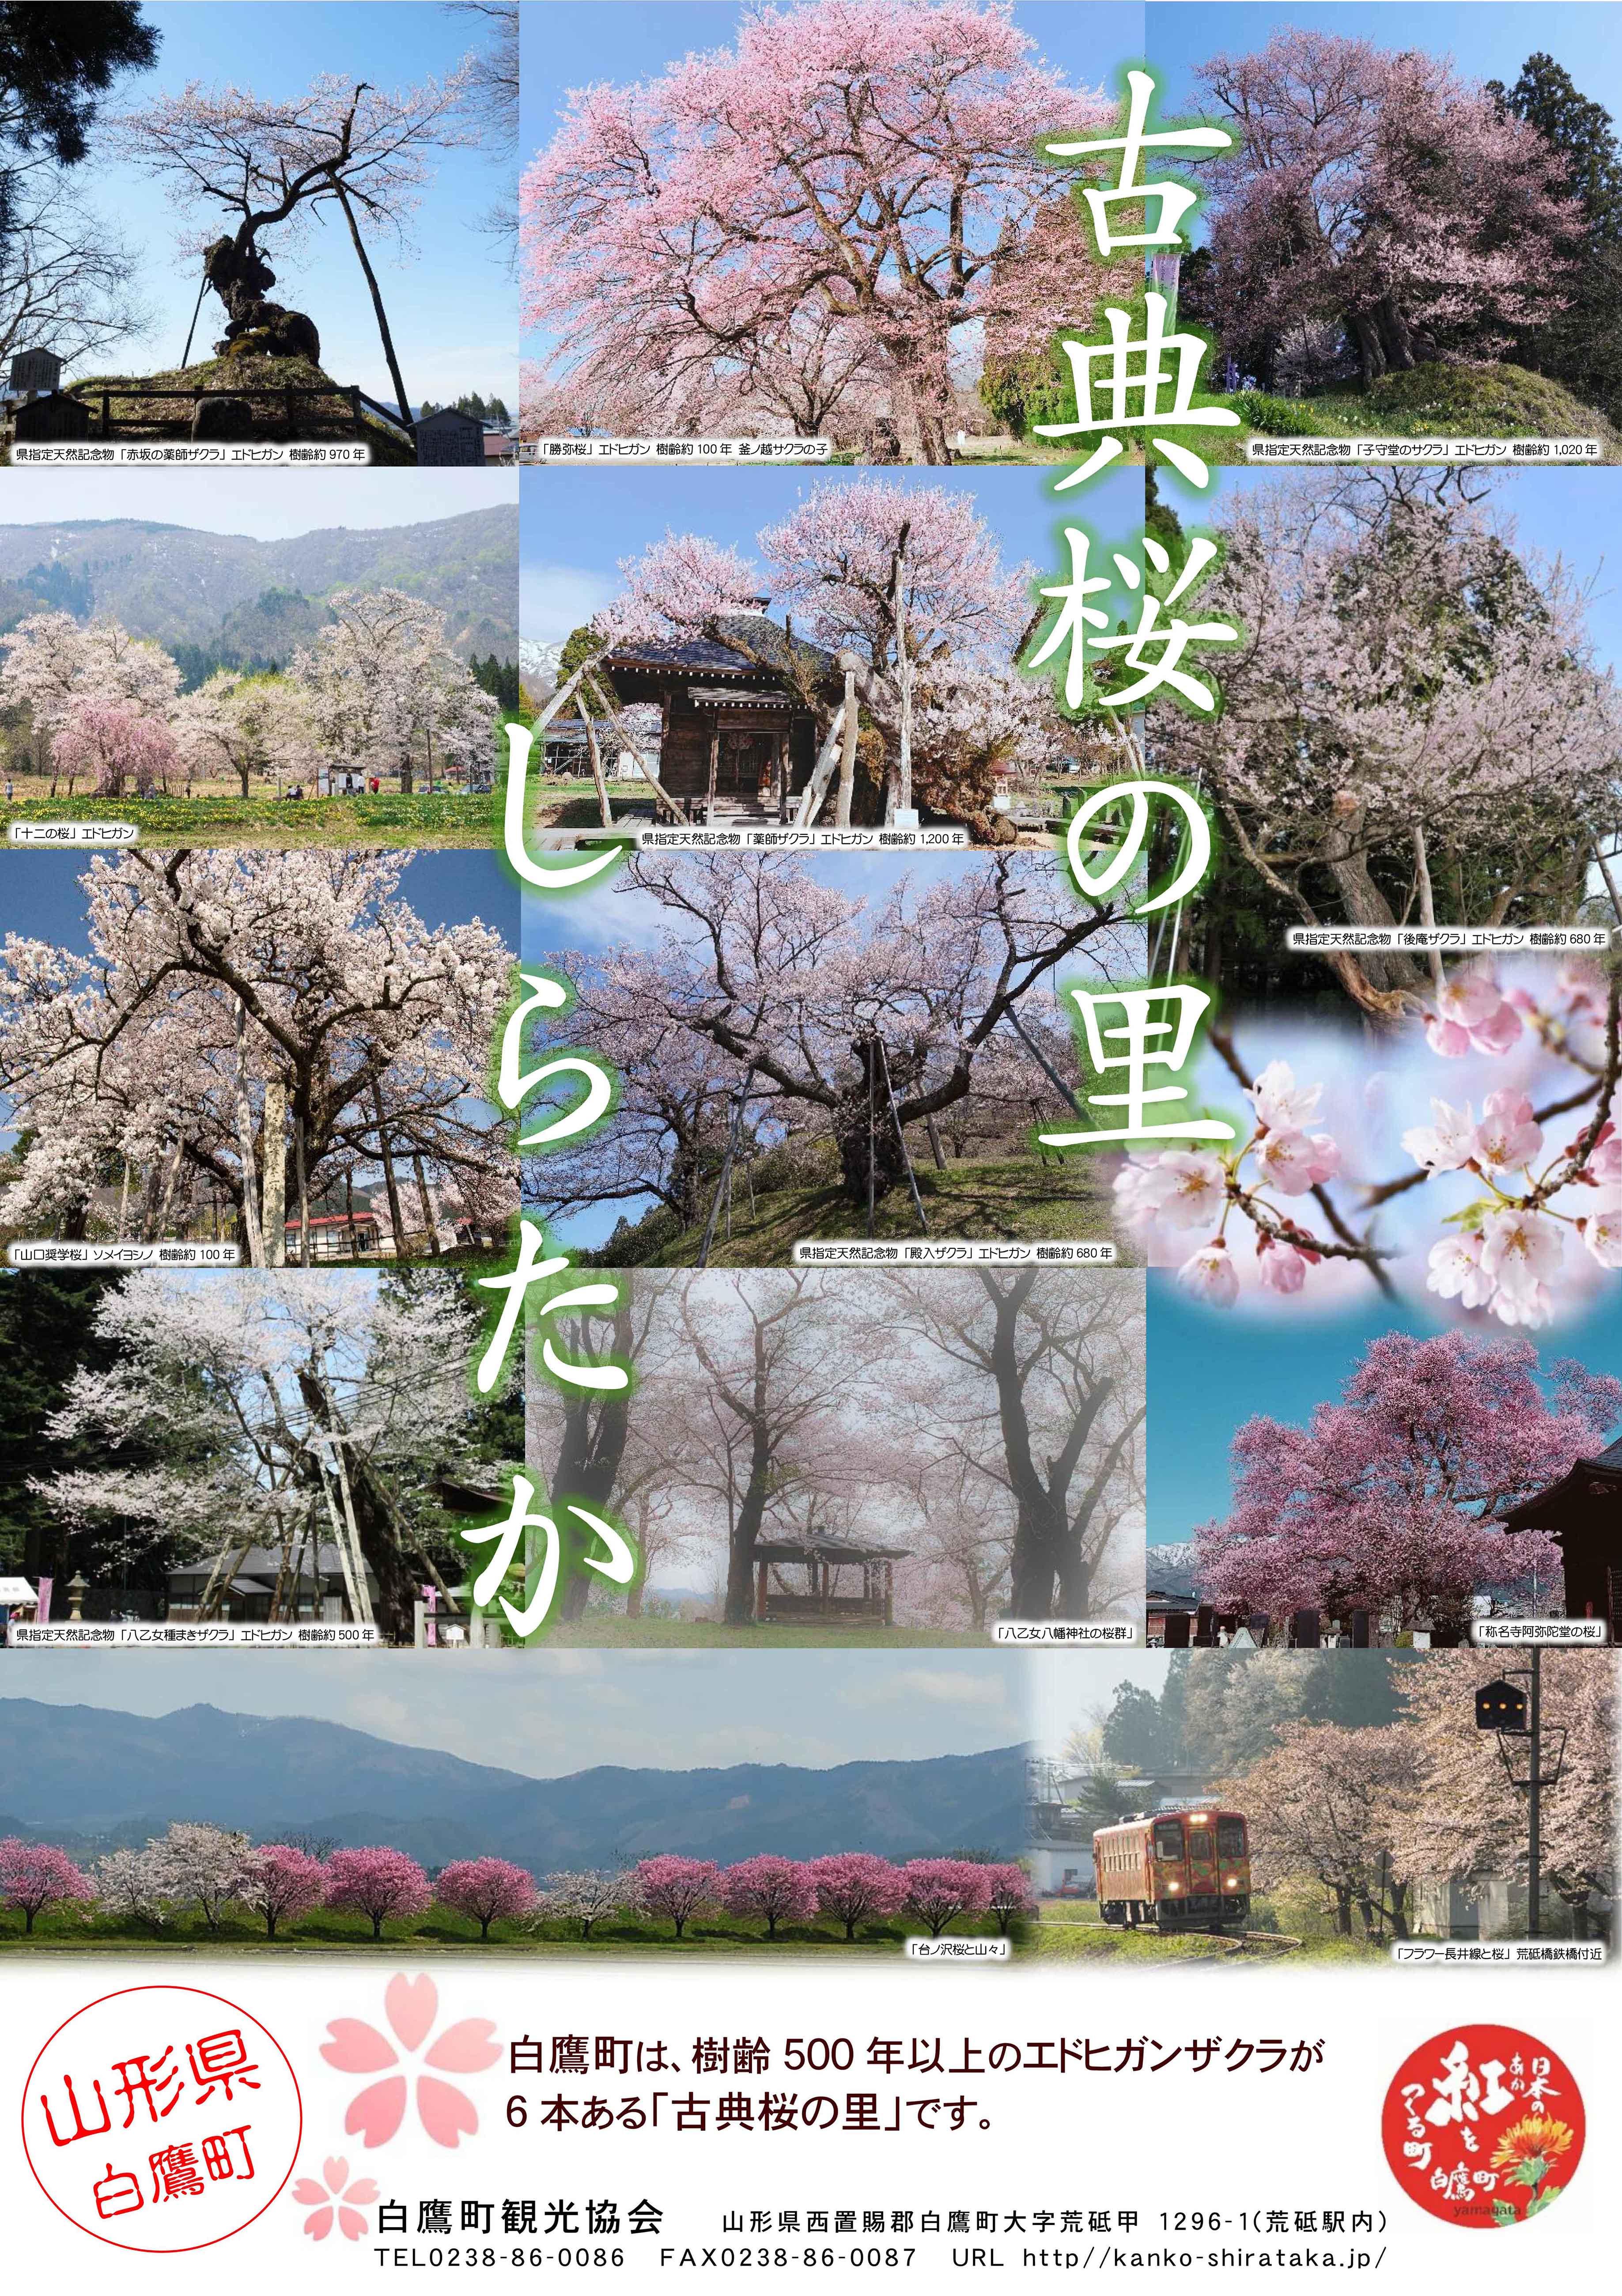 「古典桜の里しらたか」ポスターが出来ました